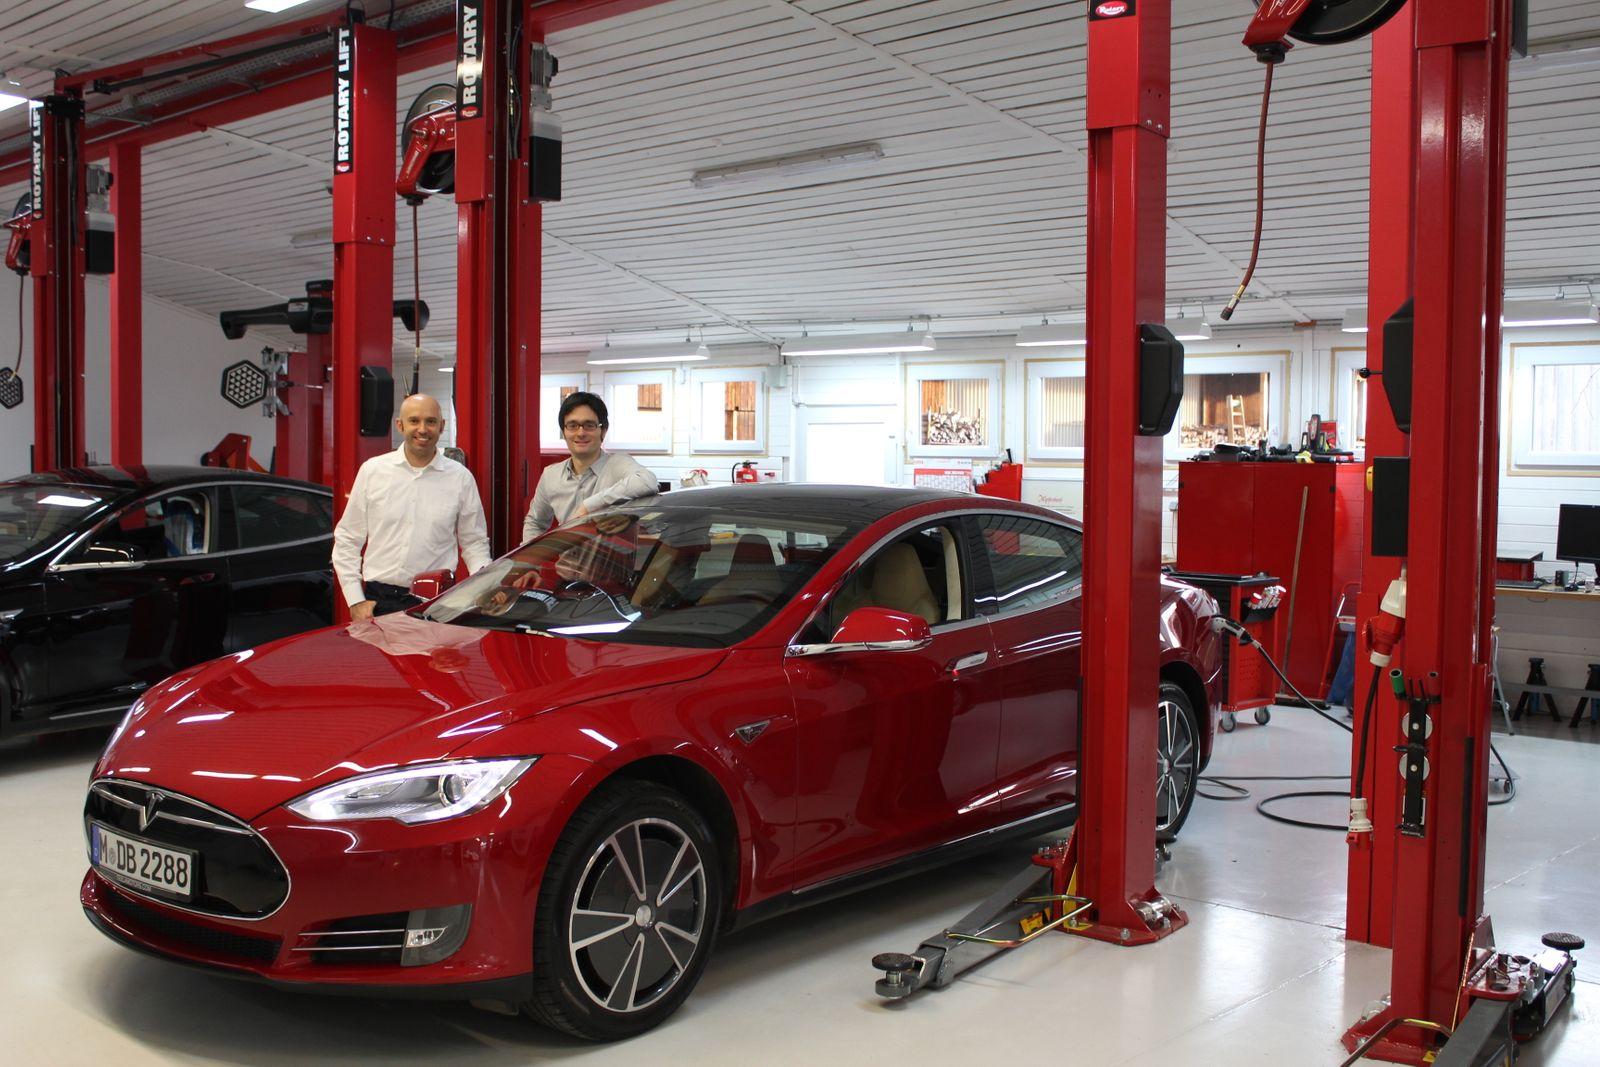 Eckl-Dorna / Sorge / Tesla Model S